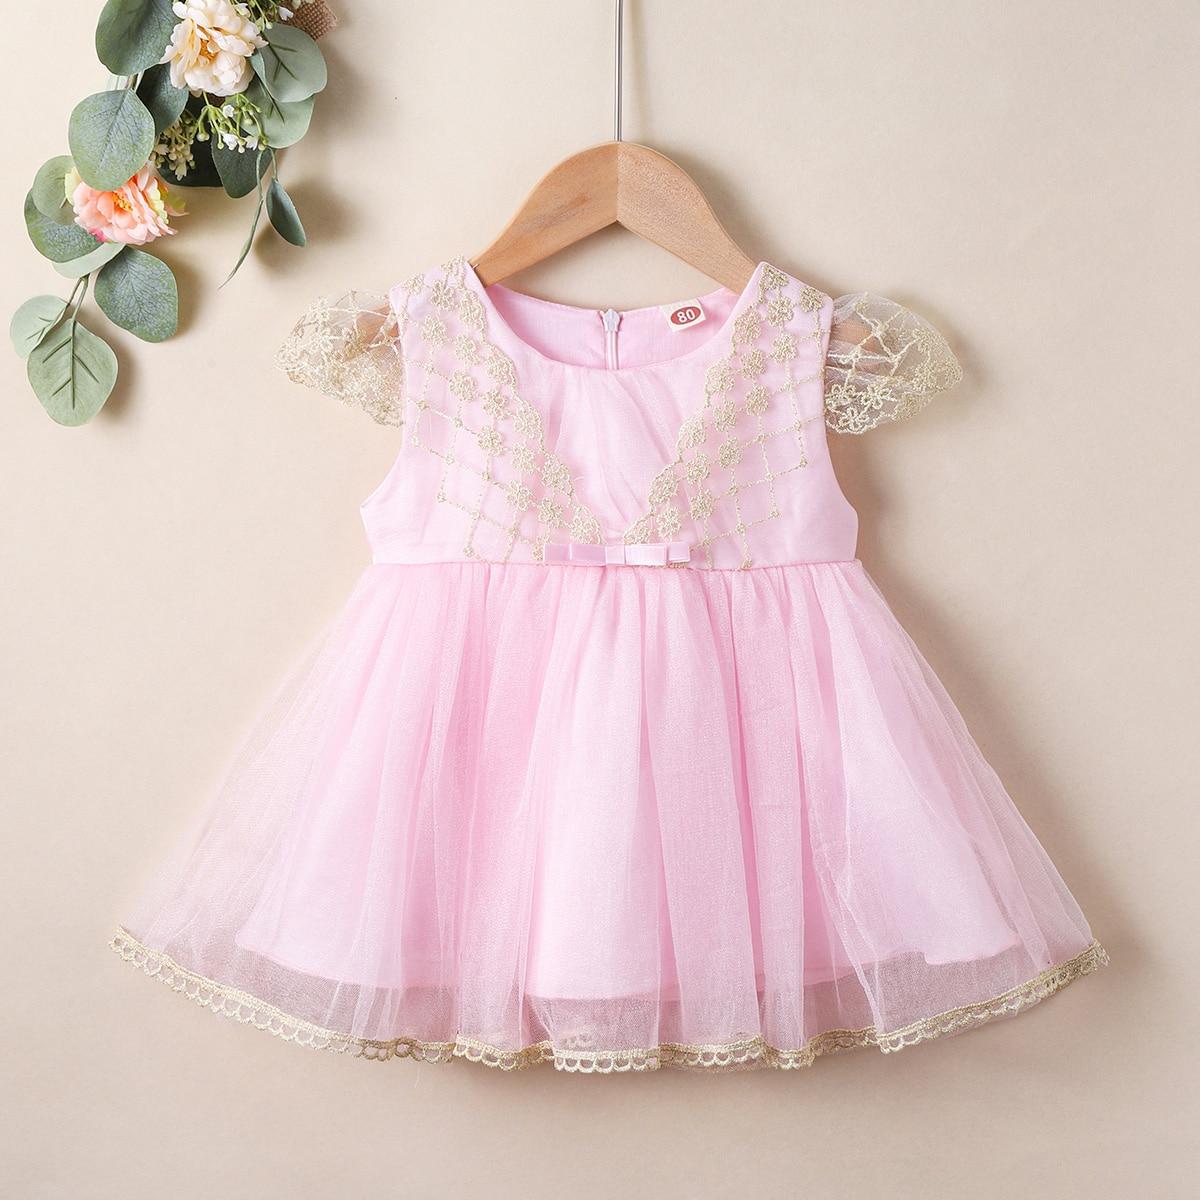 С бантом очаровательный нарядное платье для маленьких девочек